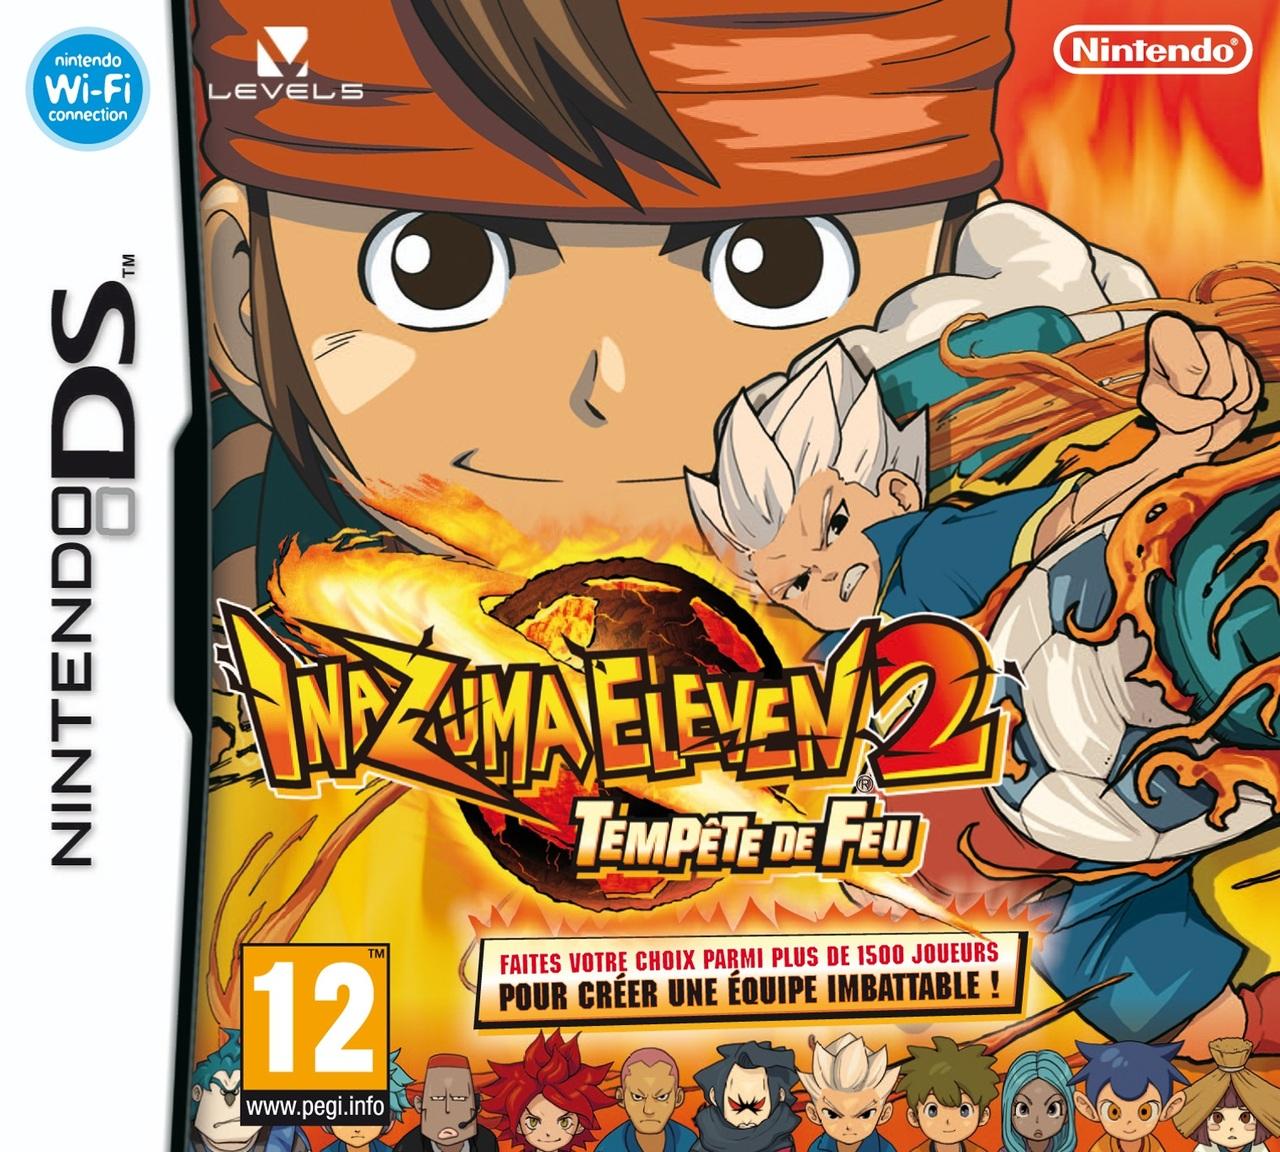 [UP.TO] Inazuma Eleven 2 : Tempête de Feu [DS]